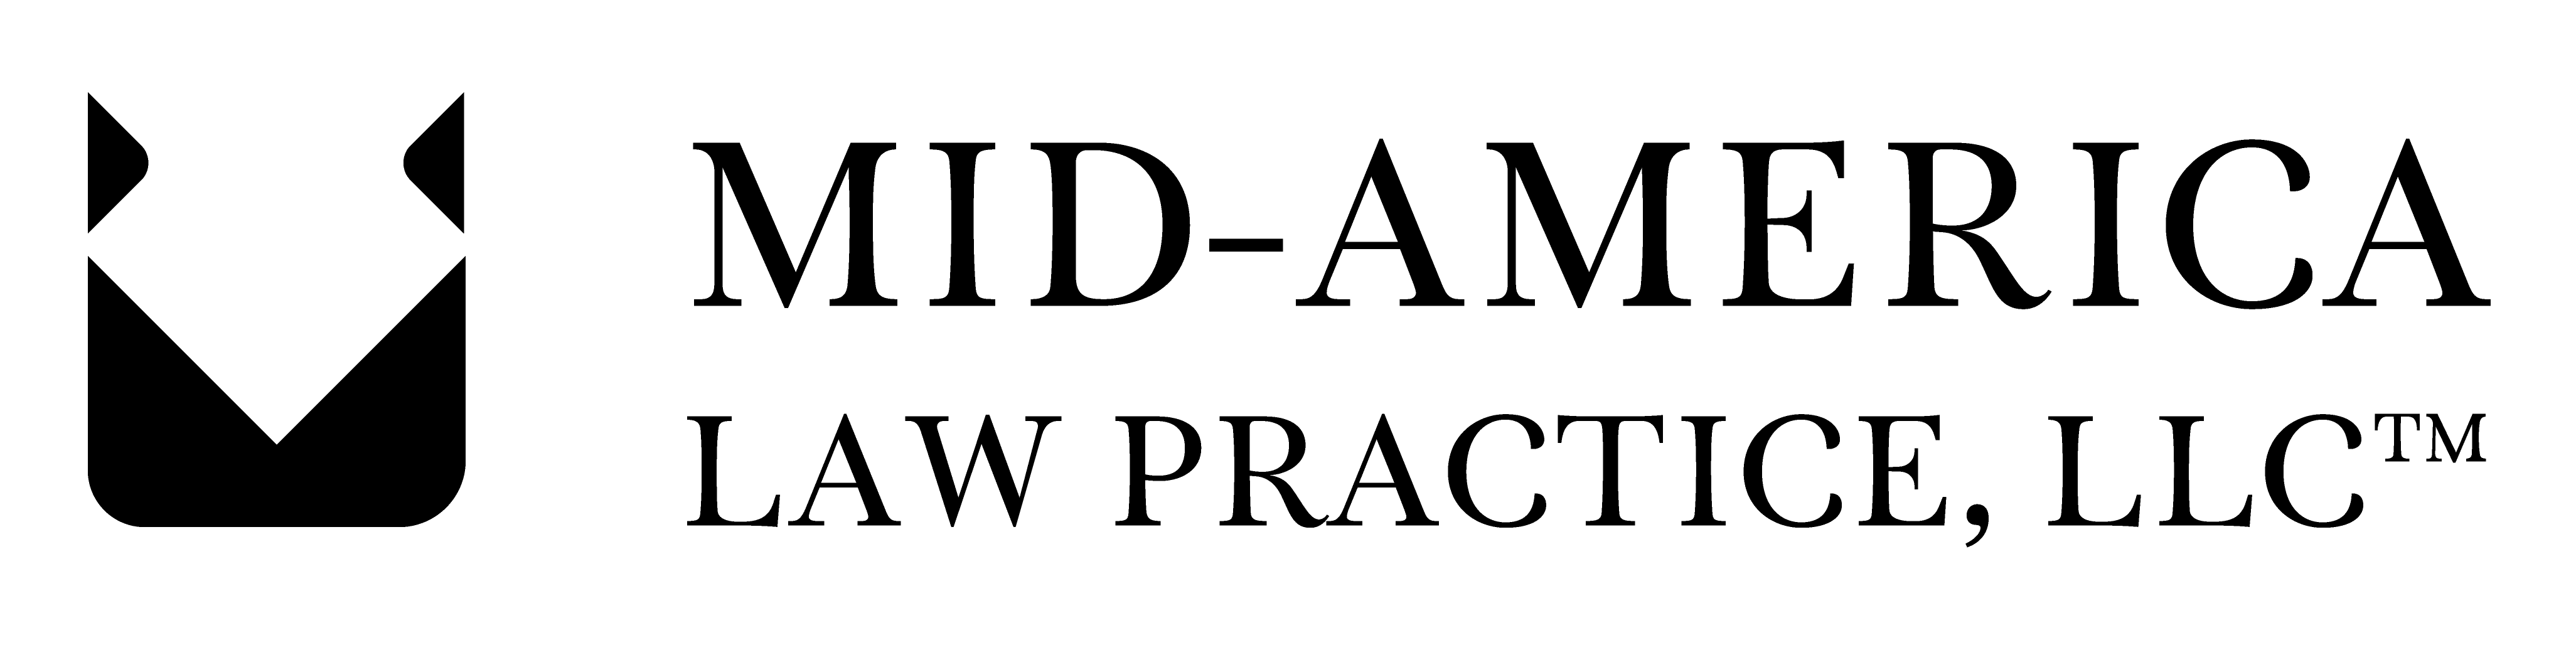 MALP_Logo_BW